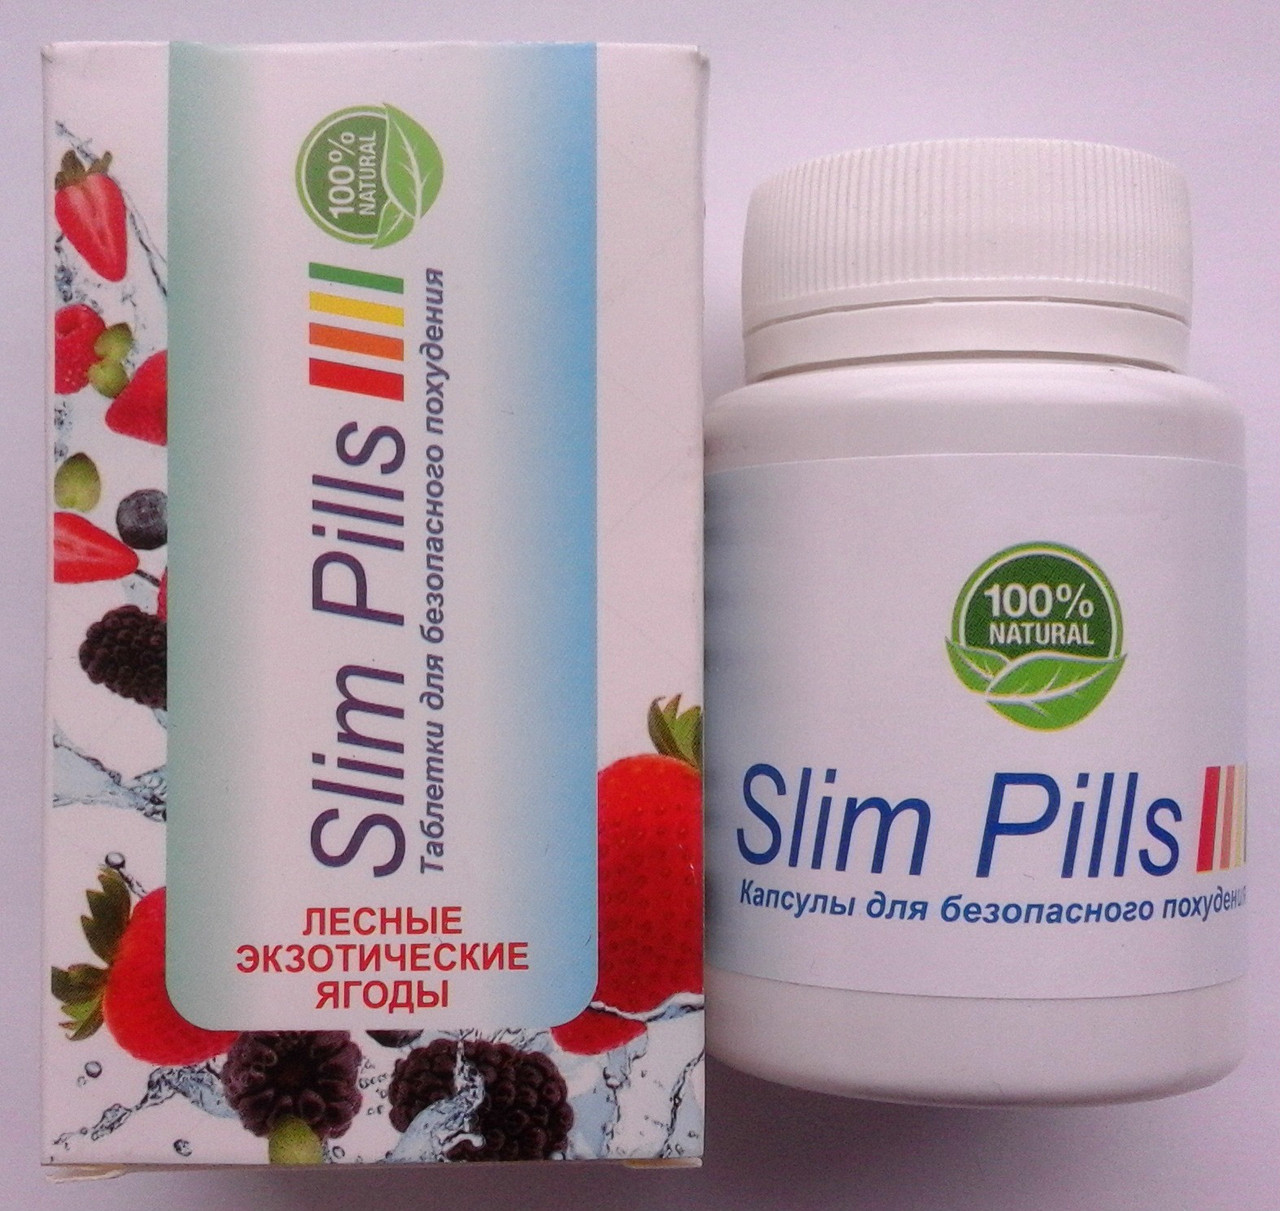 таблетки для похудения слим